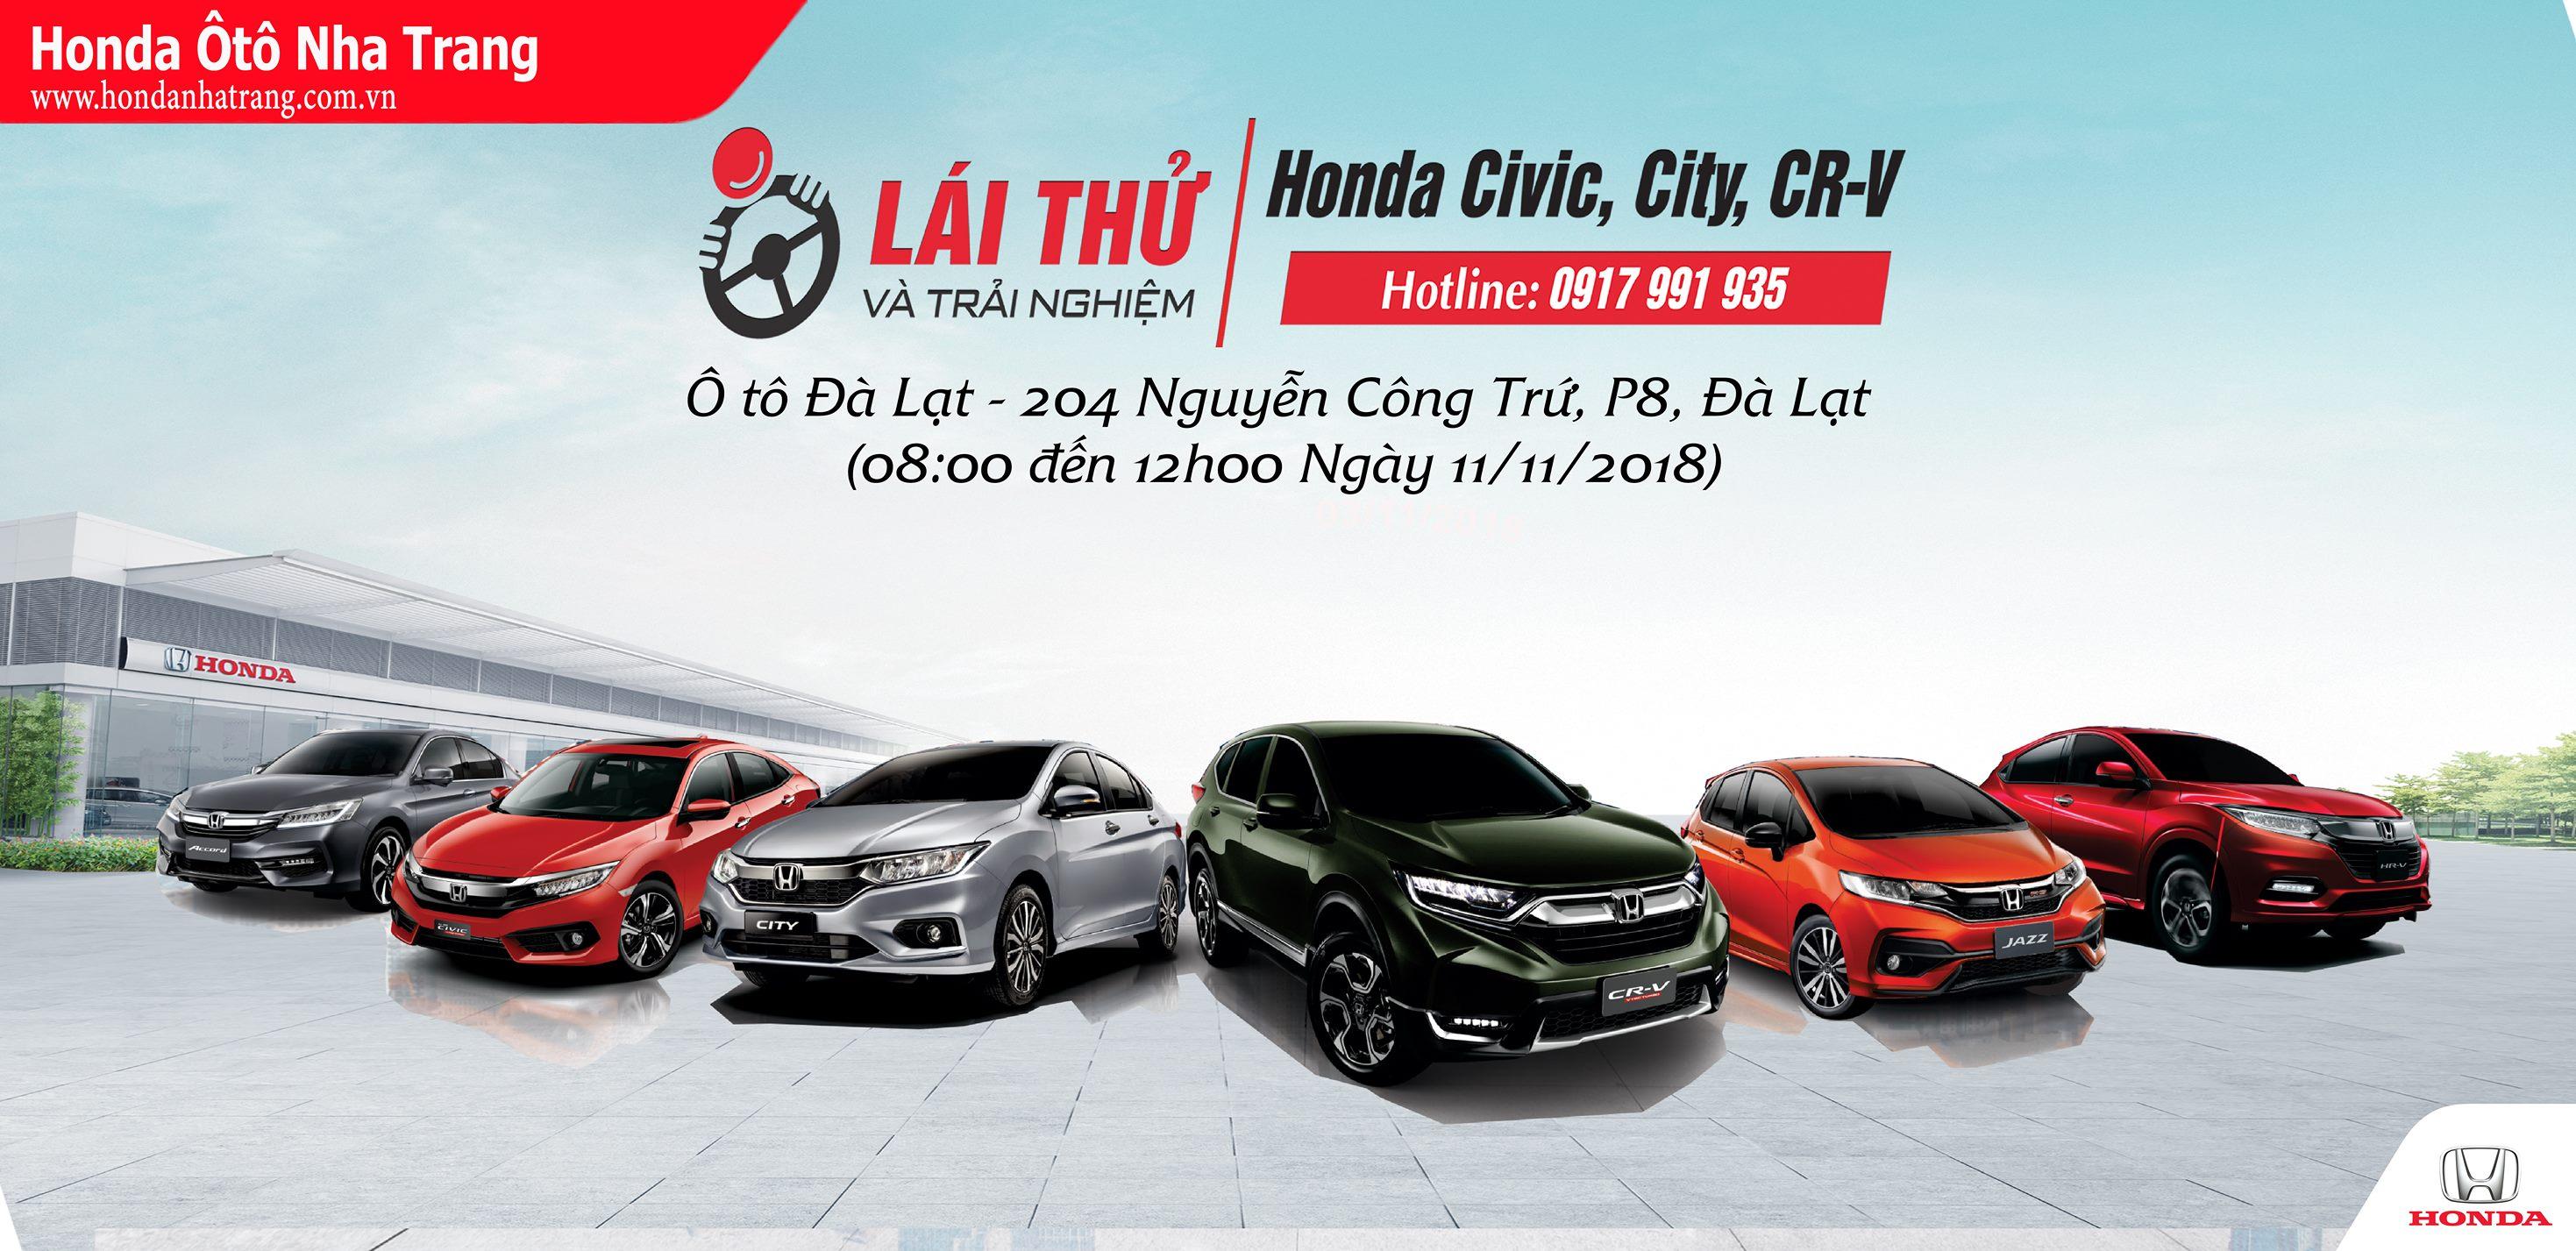 Trải nghiệm & Lái thử Honda Ôtô của Honda Ôtô Nha Trang tại Đà Lạt, Lâm Đồng